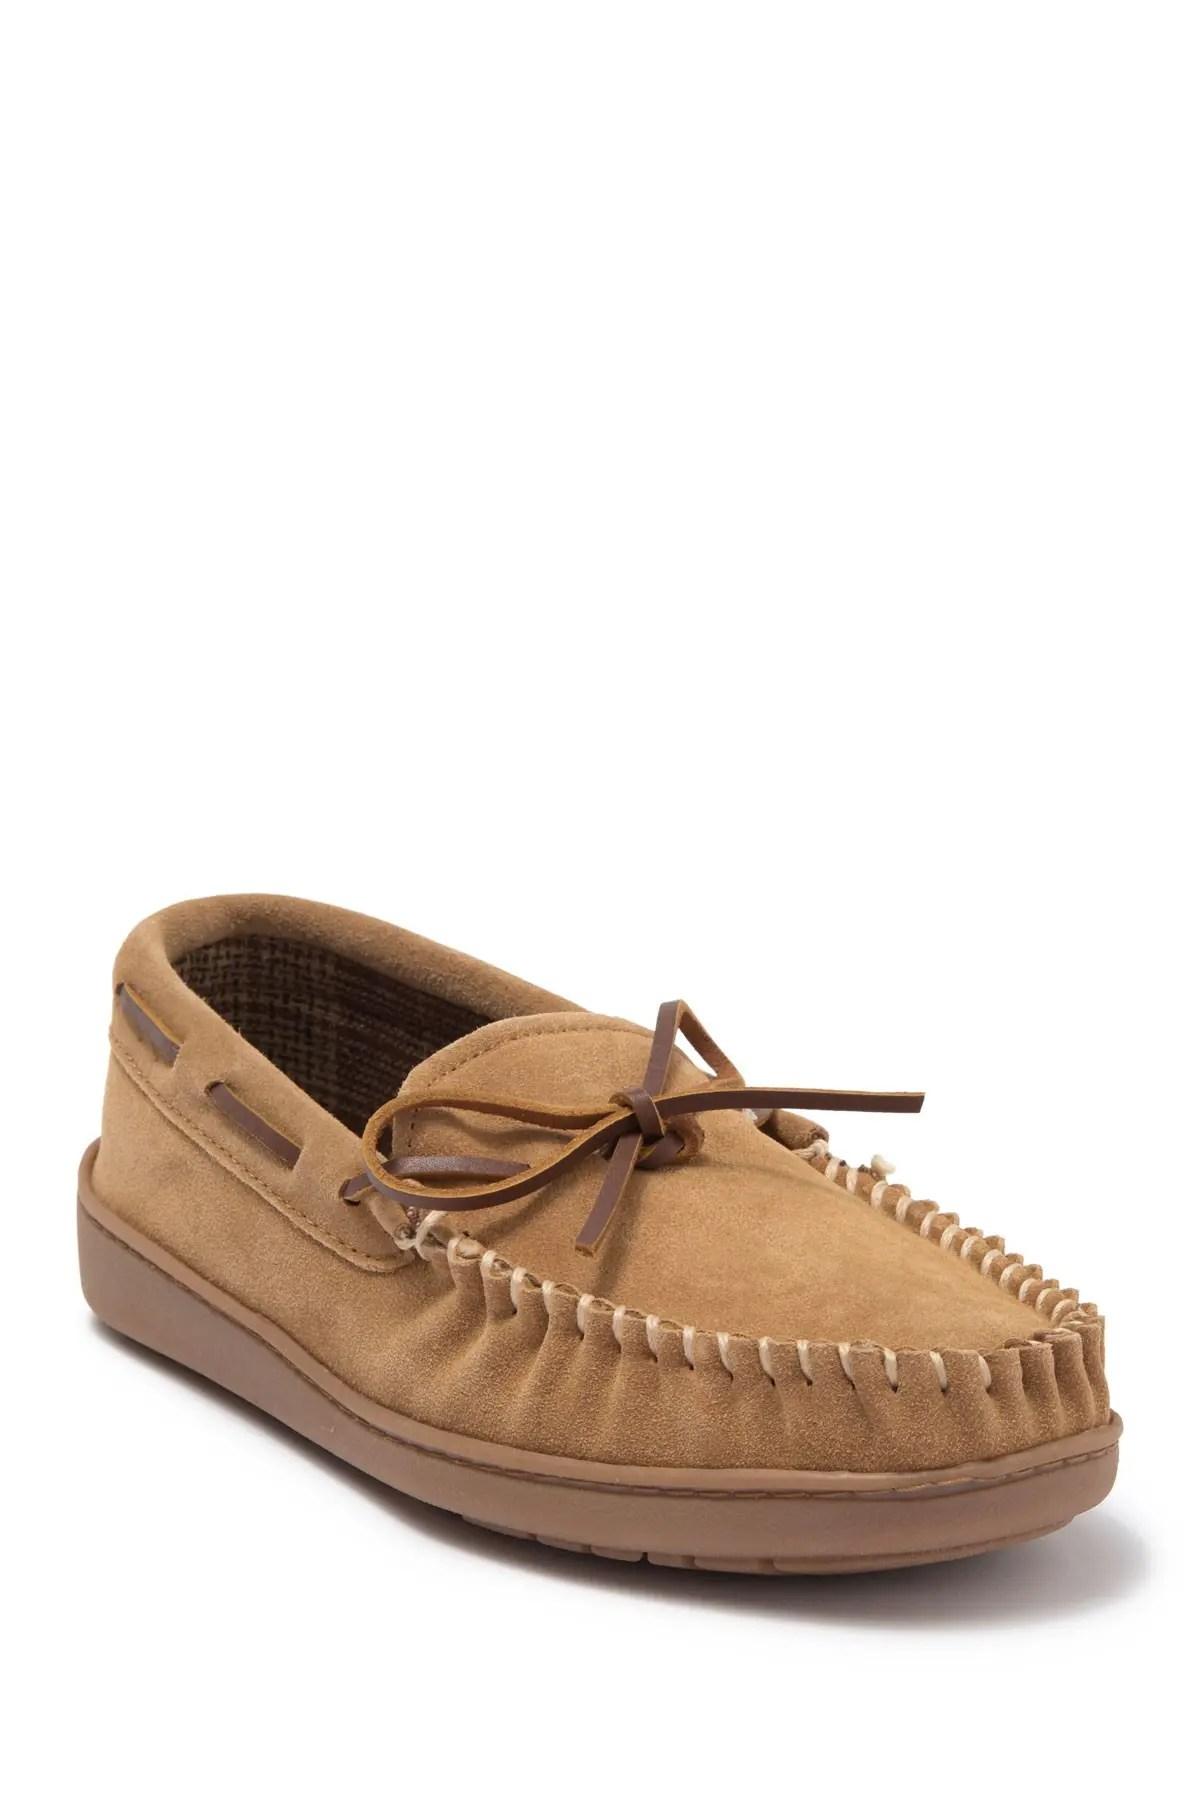 men s slippers wool shearling